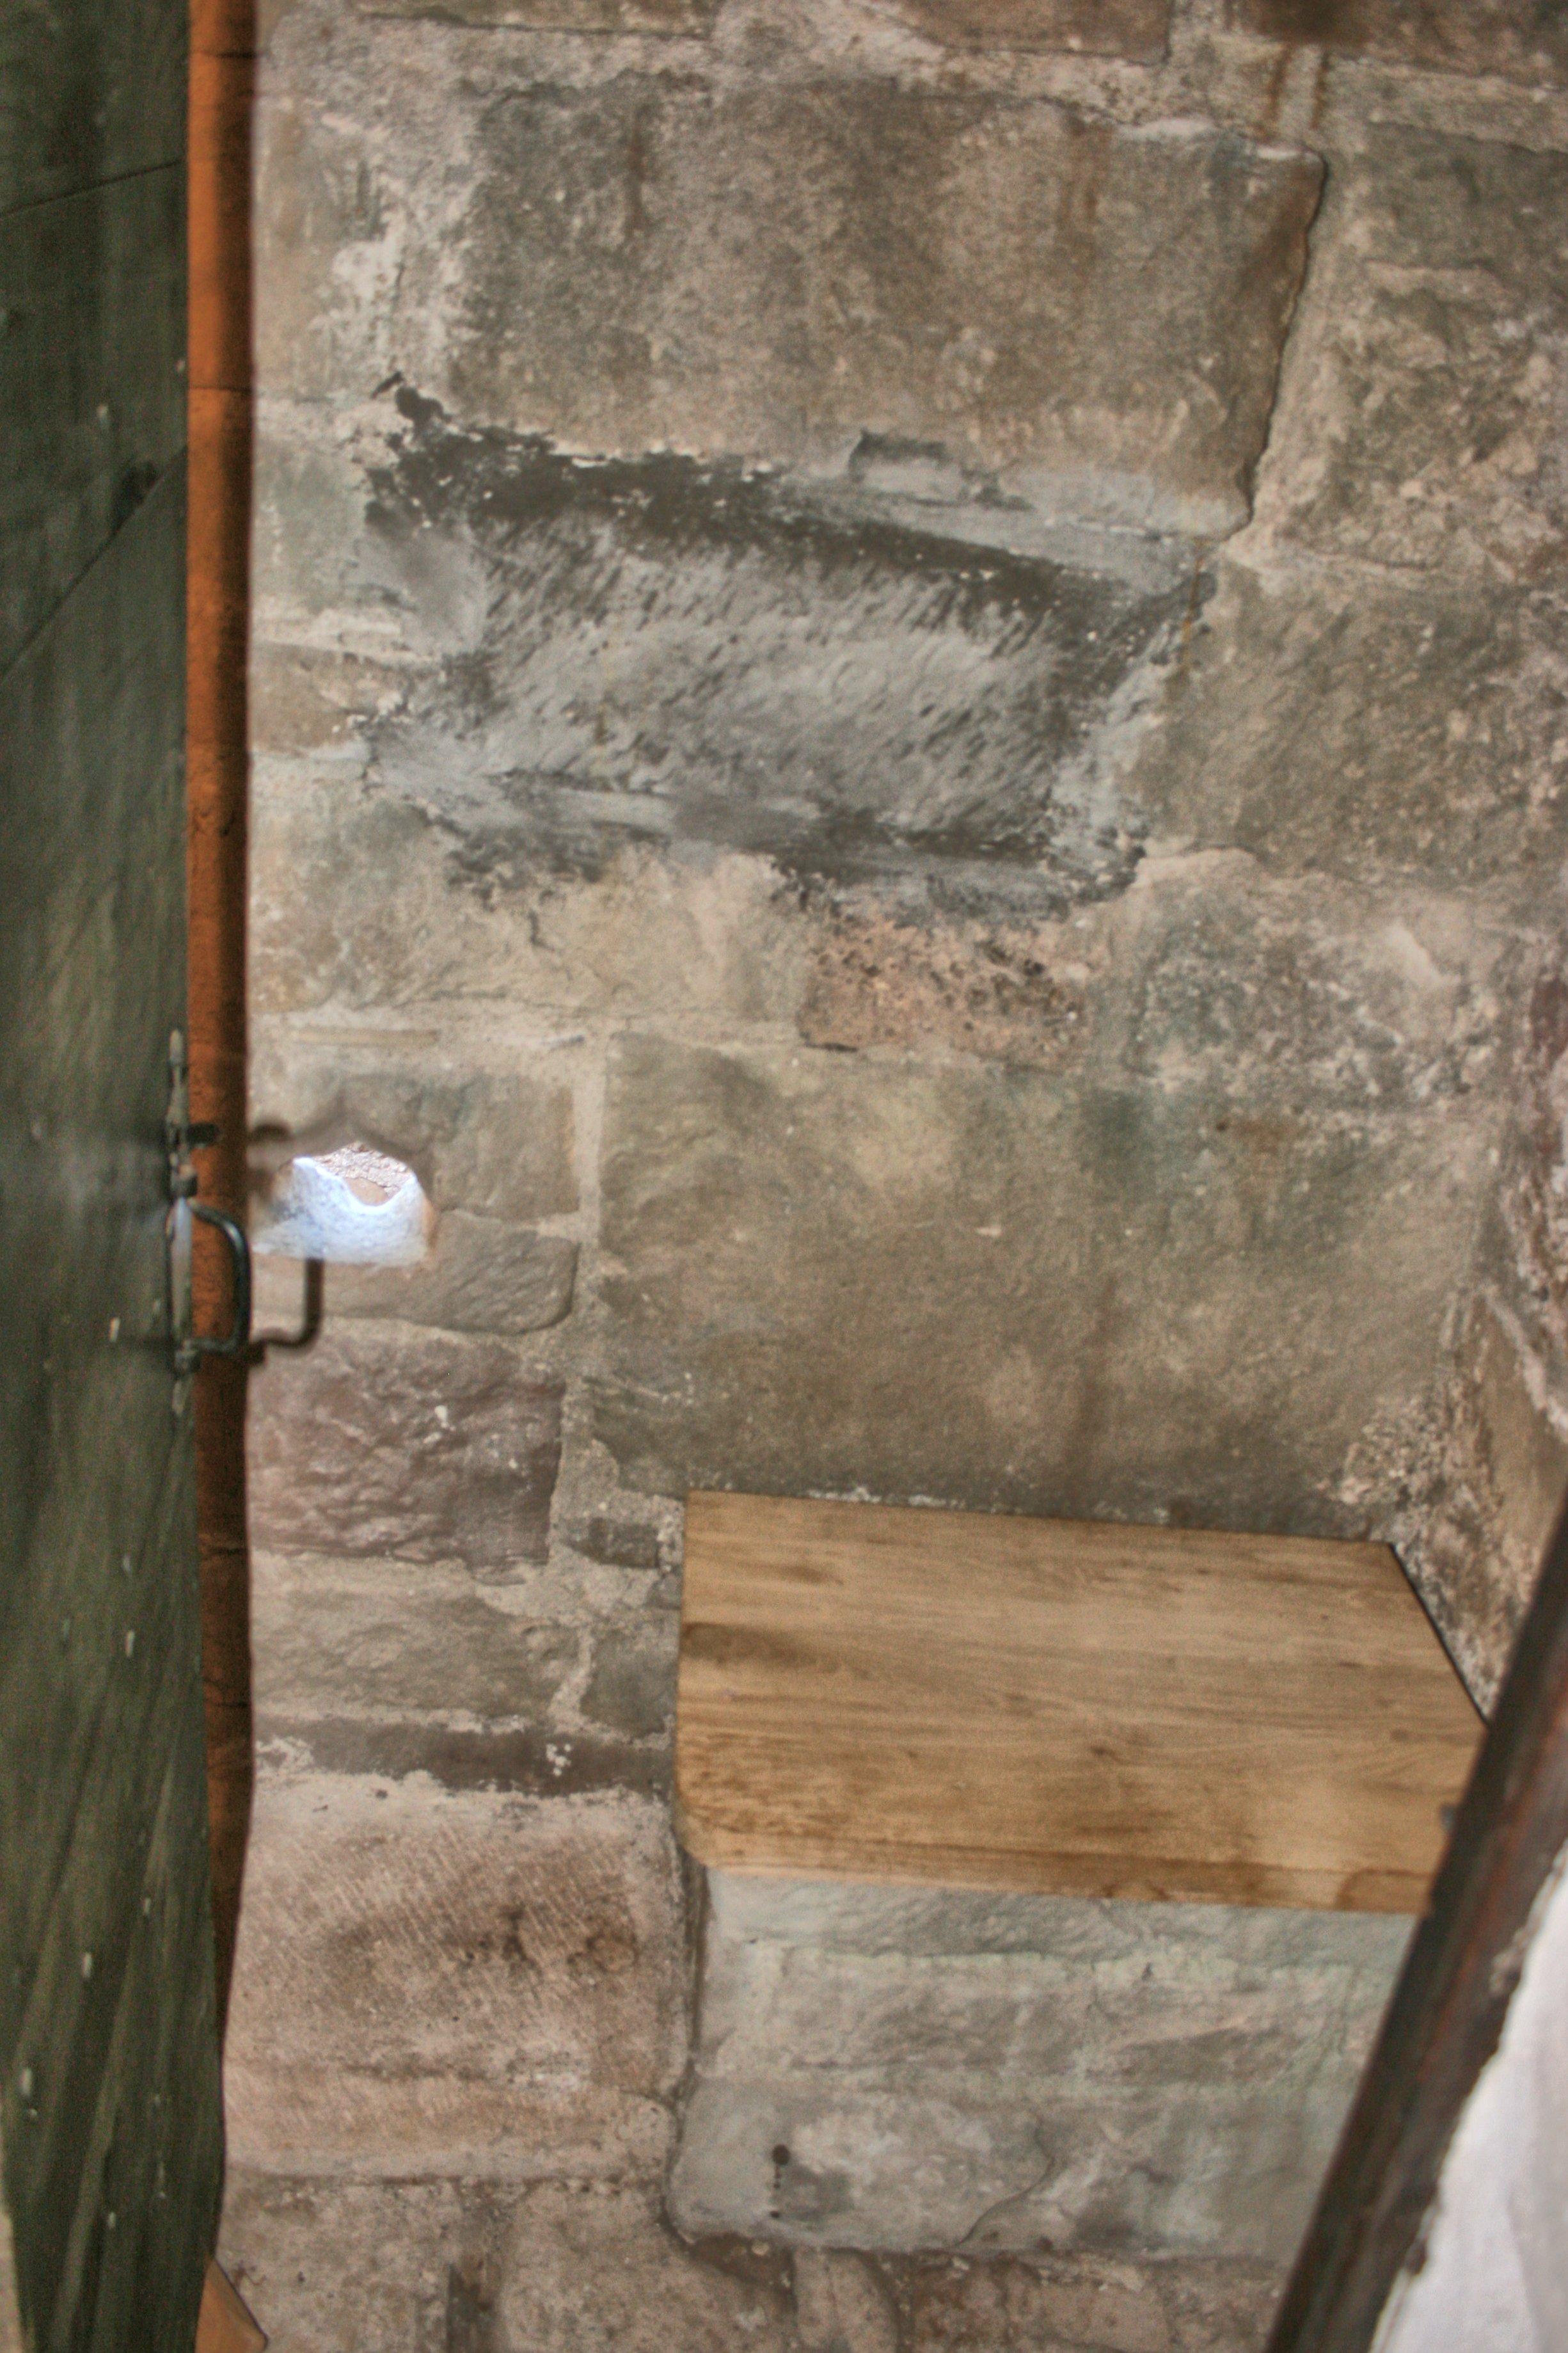 Par cette porte se dissimule une chambre avec latrines....